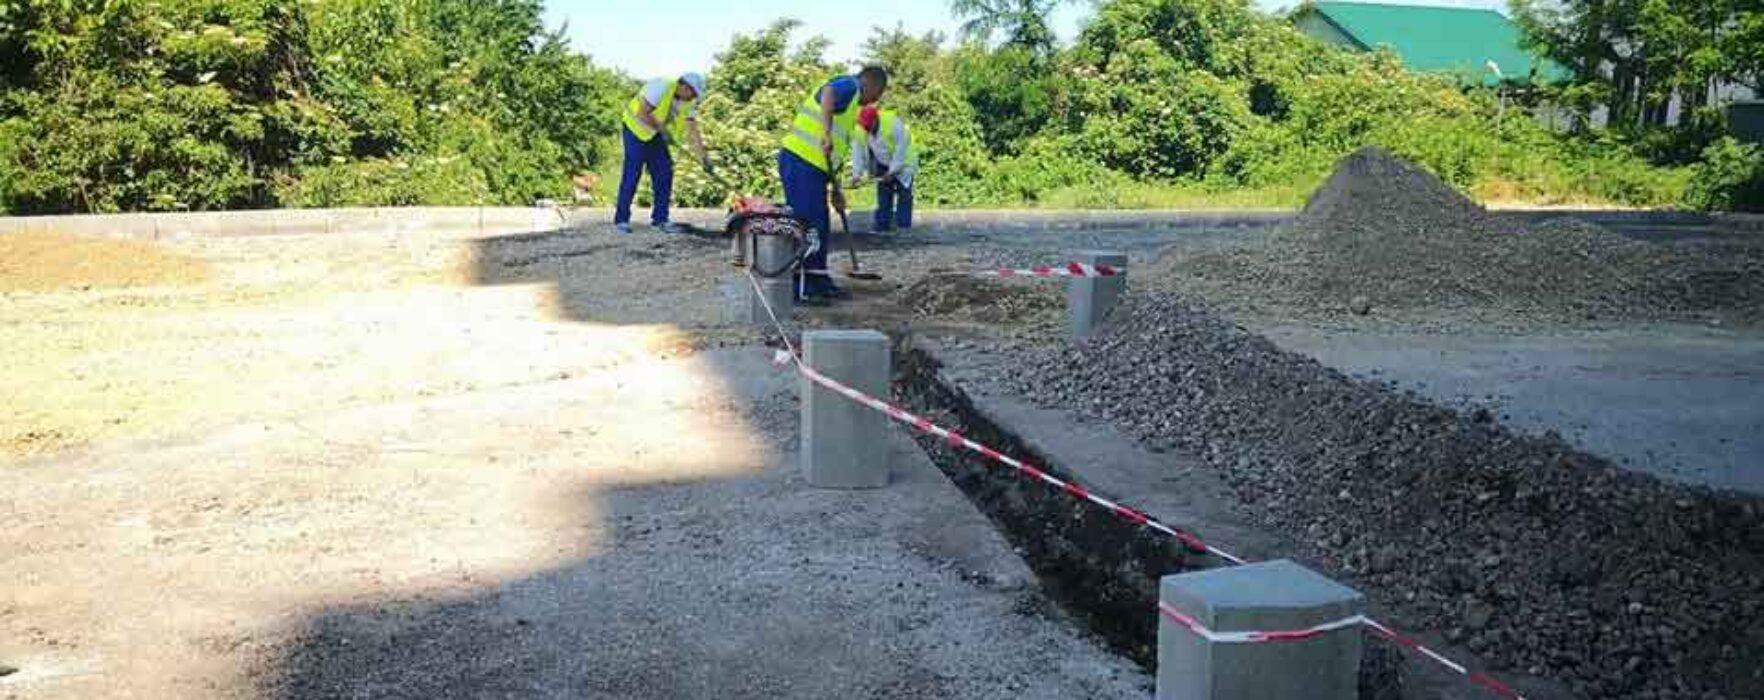 Târgovişte: Restricţii de circulaţie pe strada Gimnaziului, se fac lucrări de canalizare